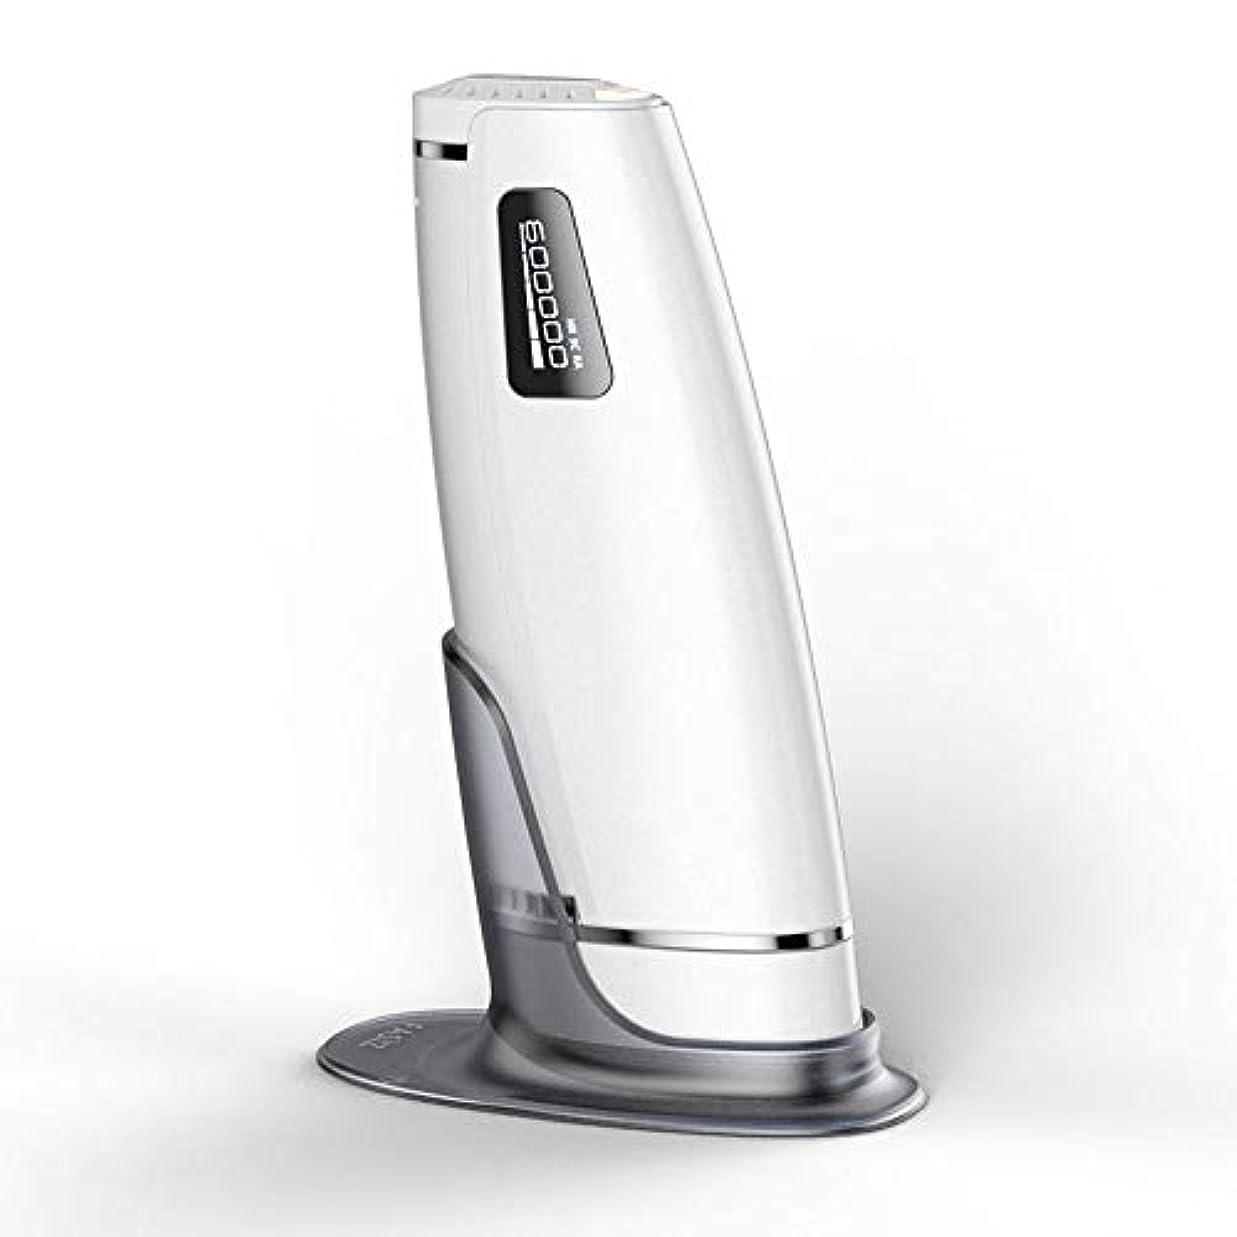 ラフ睡眠セグメント驚くべきNuanxin 家庭用自動痛みのない毛の除去剤、白、携帯用永久的な毛の除去剤、二重モード、5つの速度調節、サイズ20.5 X 4.5 X 7 Cm F30